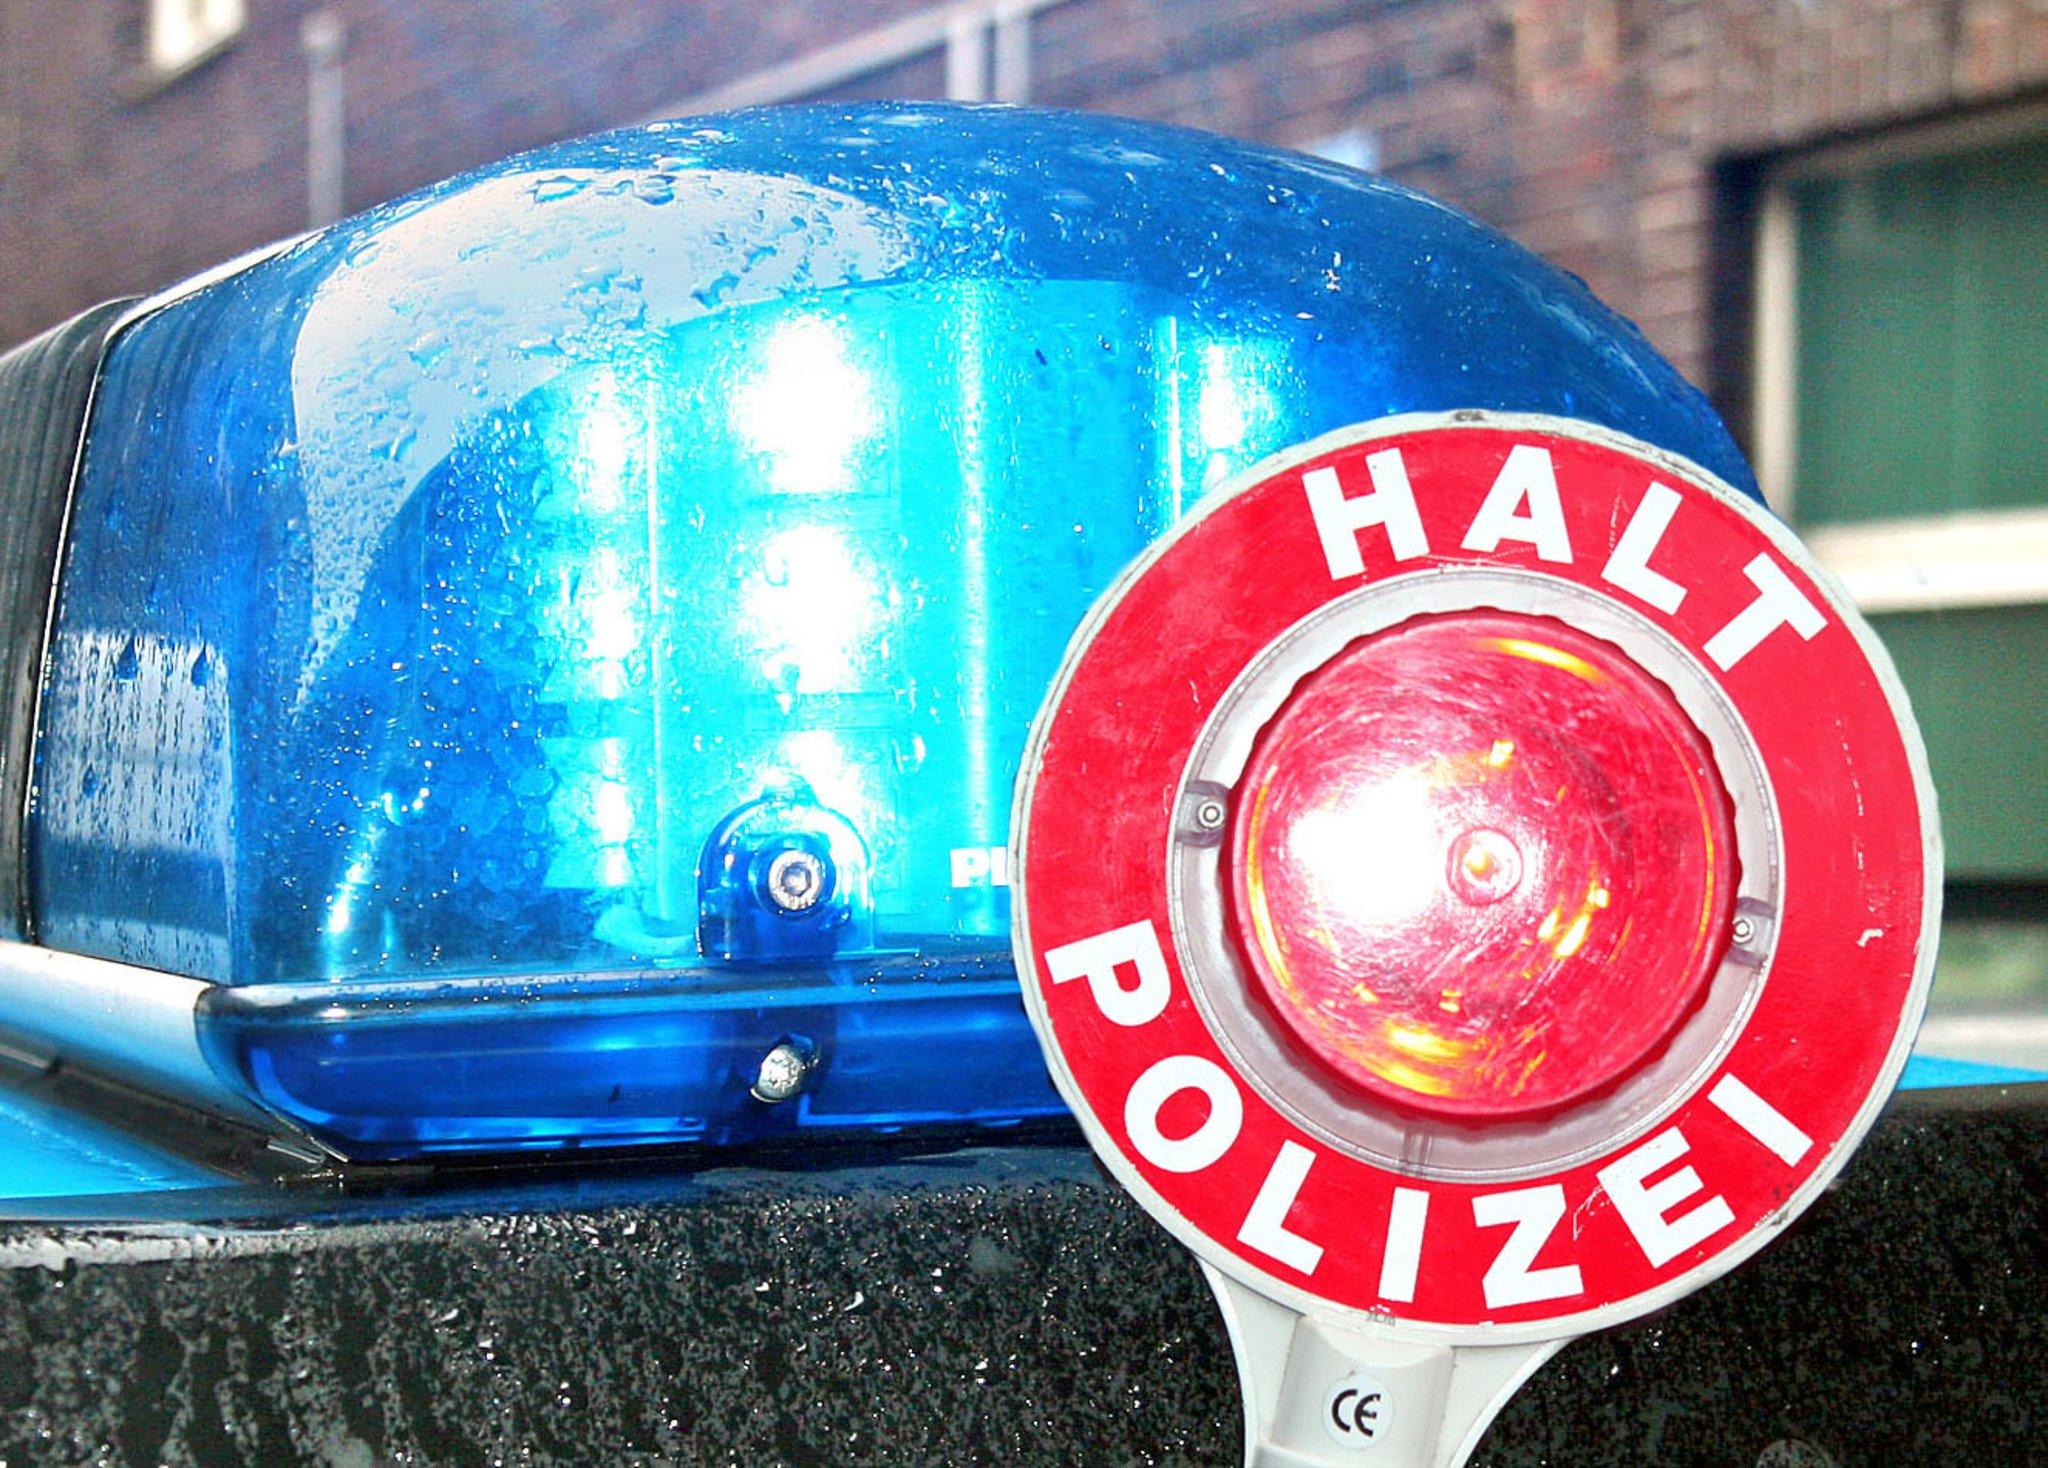 Marl: Frauen auf Fahrrad und Krankenfahrstuhl stoßen zusammen - Marl - Lokalkompass.de